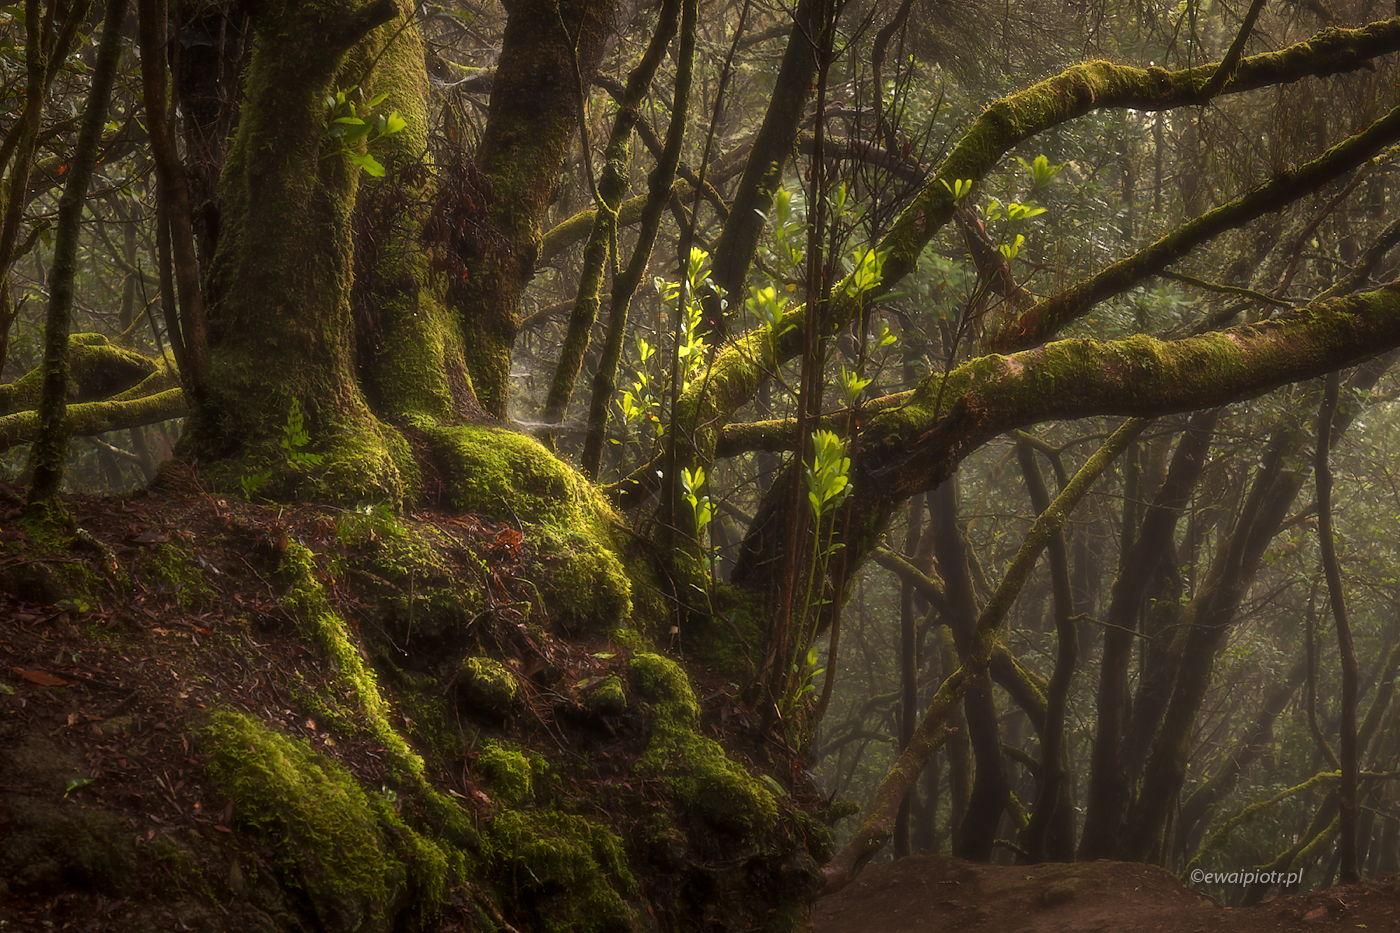 Lasy laurowe na Wyspach Kanaryjskich